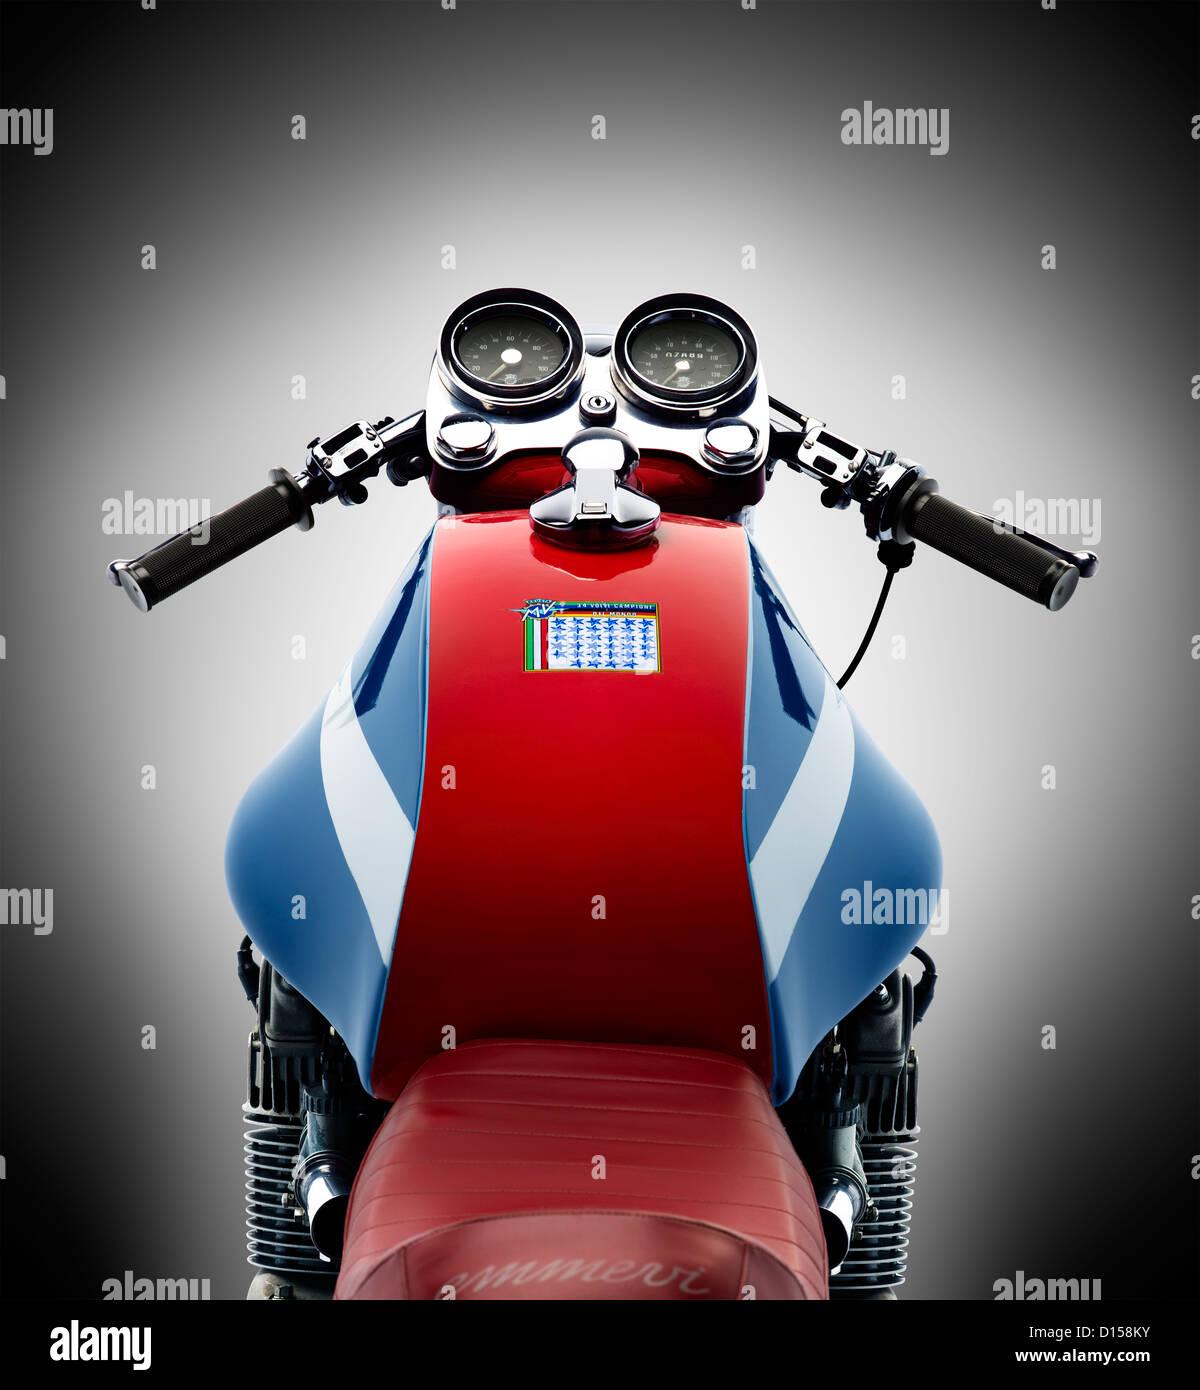 MV Agusta Motorrad isoliert auf weißem Hintergrund Stockfoto